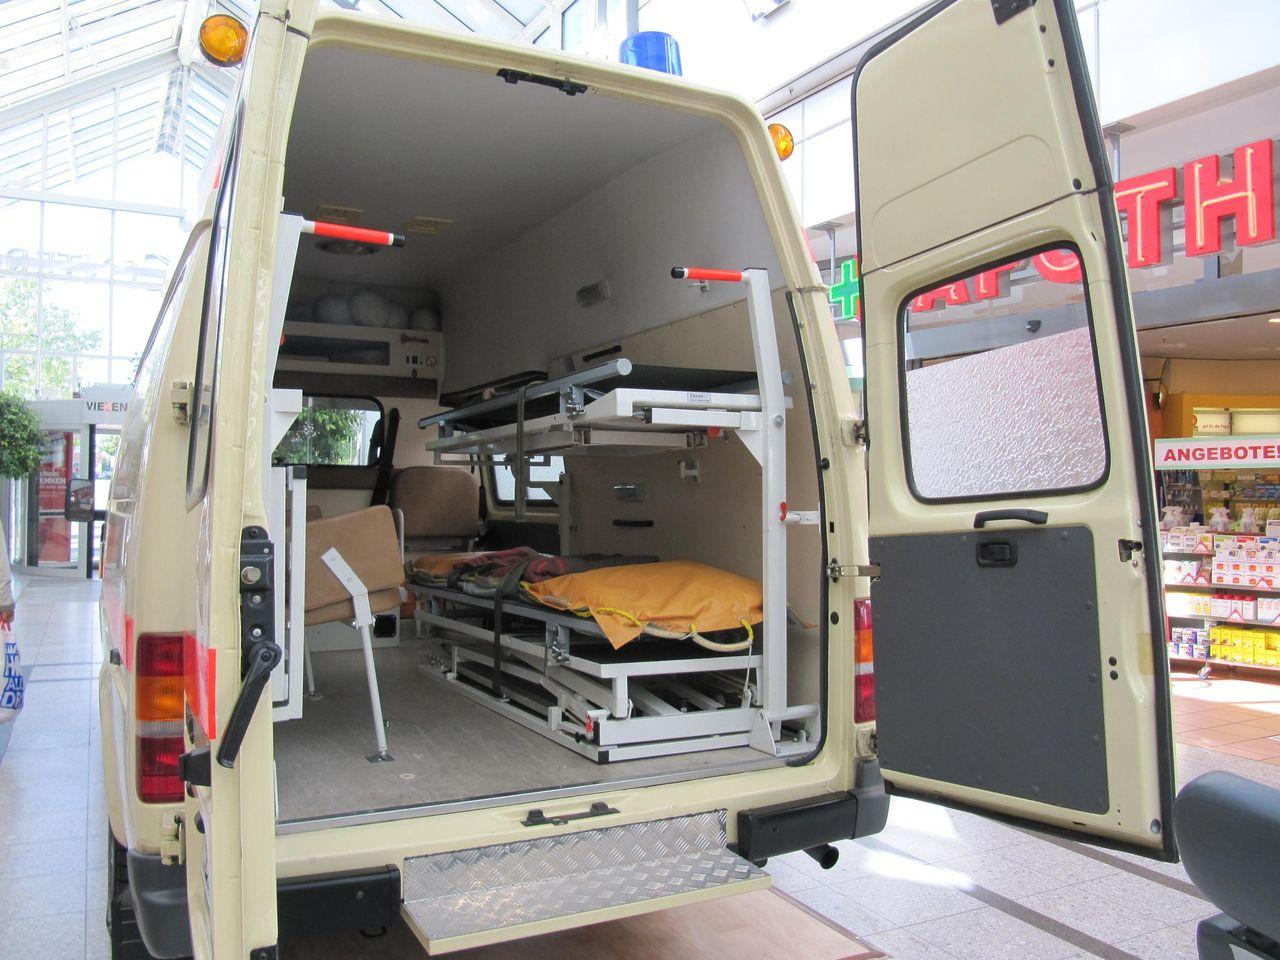 【画像】救急車の車内はこんなだった!! 画像が公開され話題(*゜Q゜*)